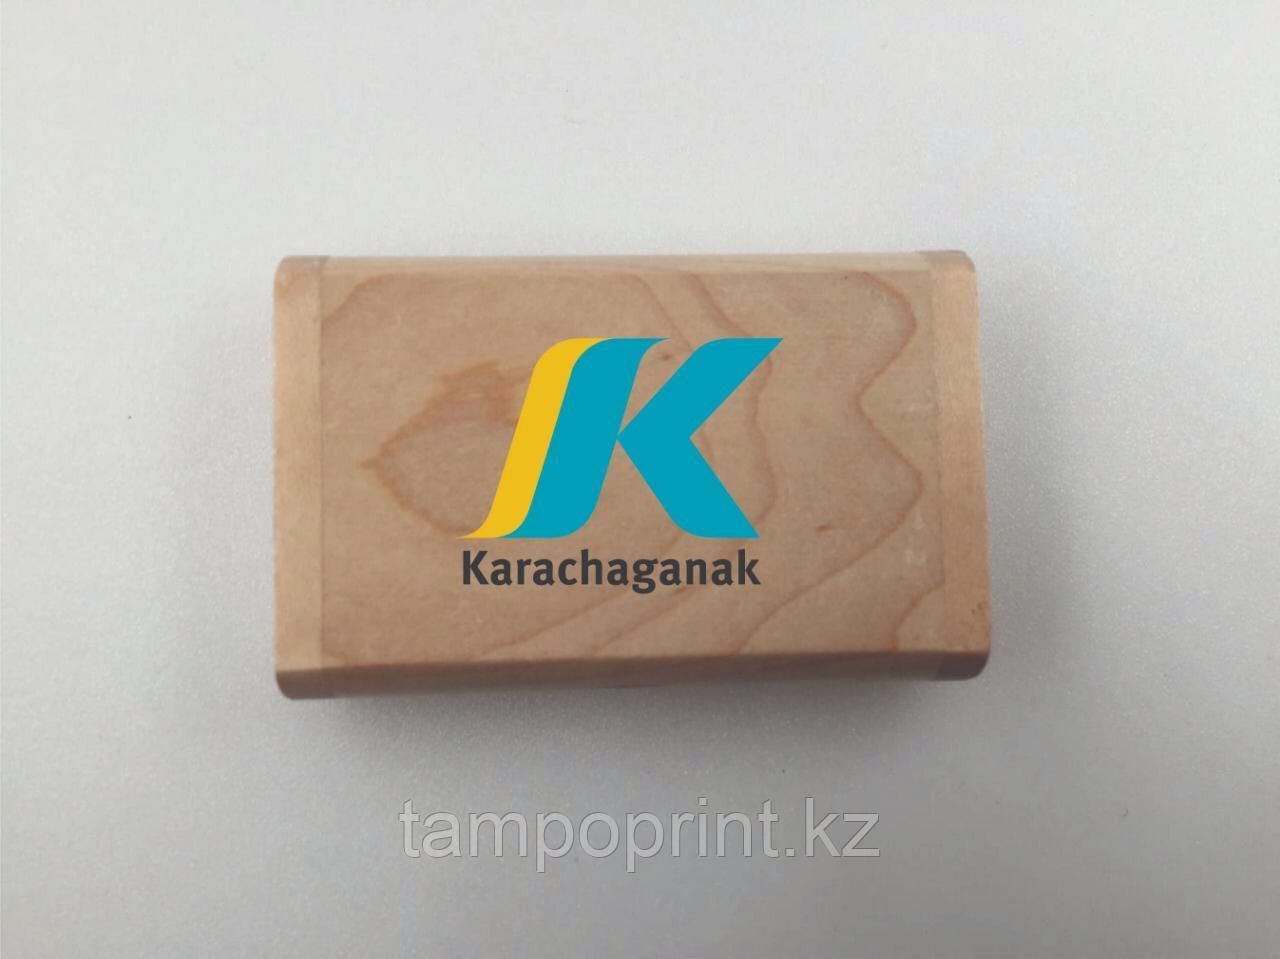 Деревянная флешка 2 гб. Бесплатная доставка по РК.